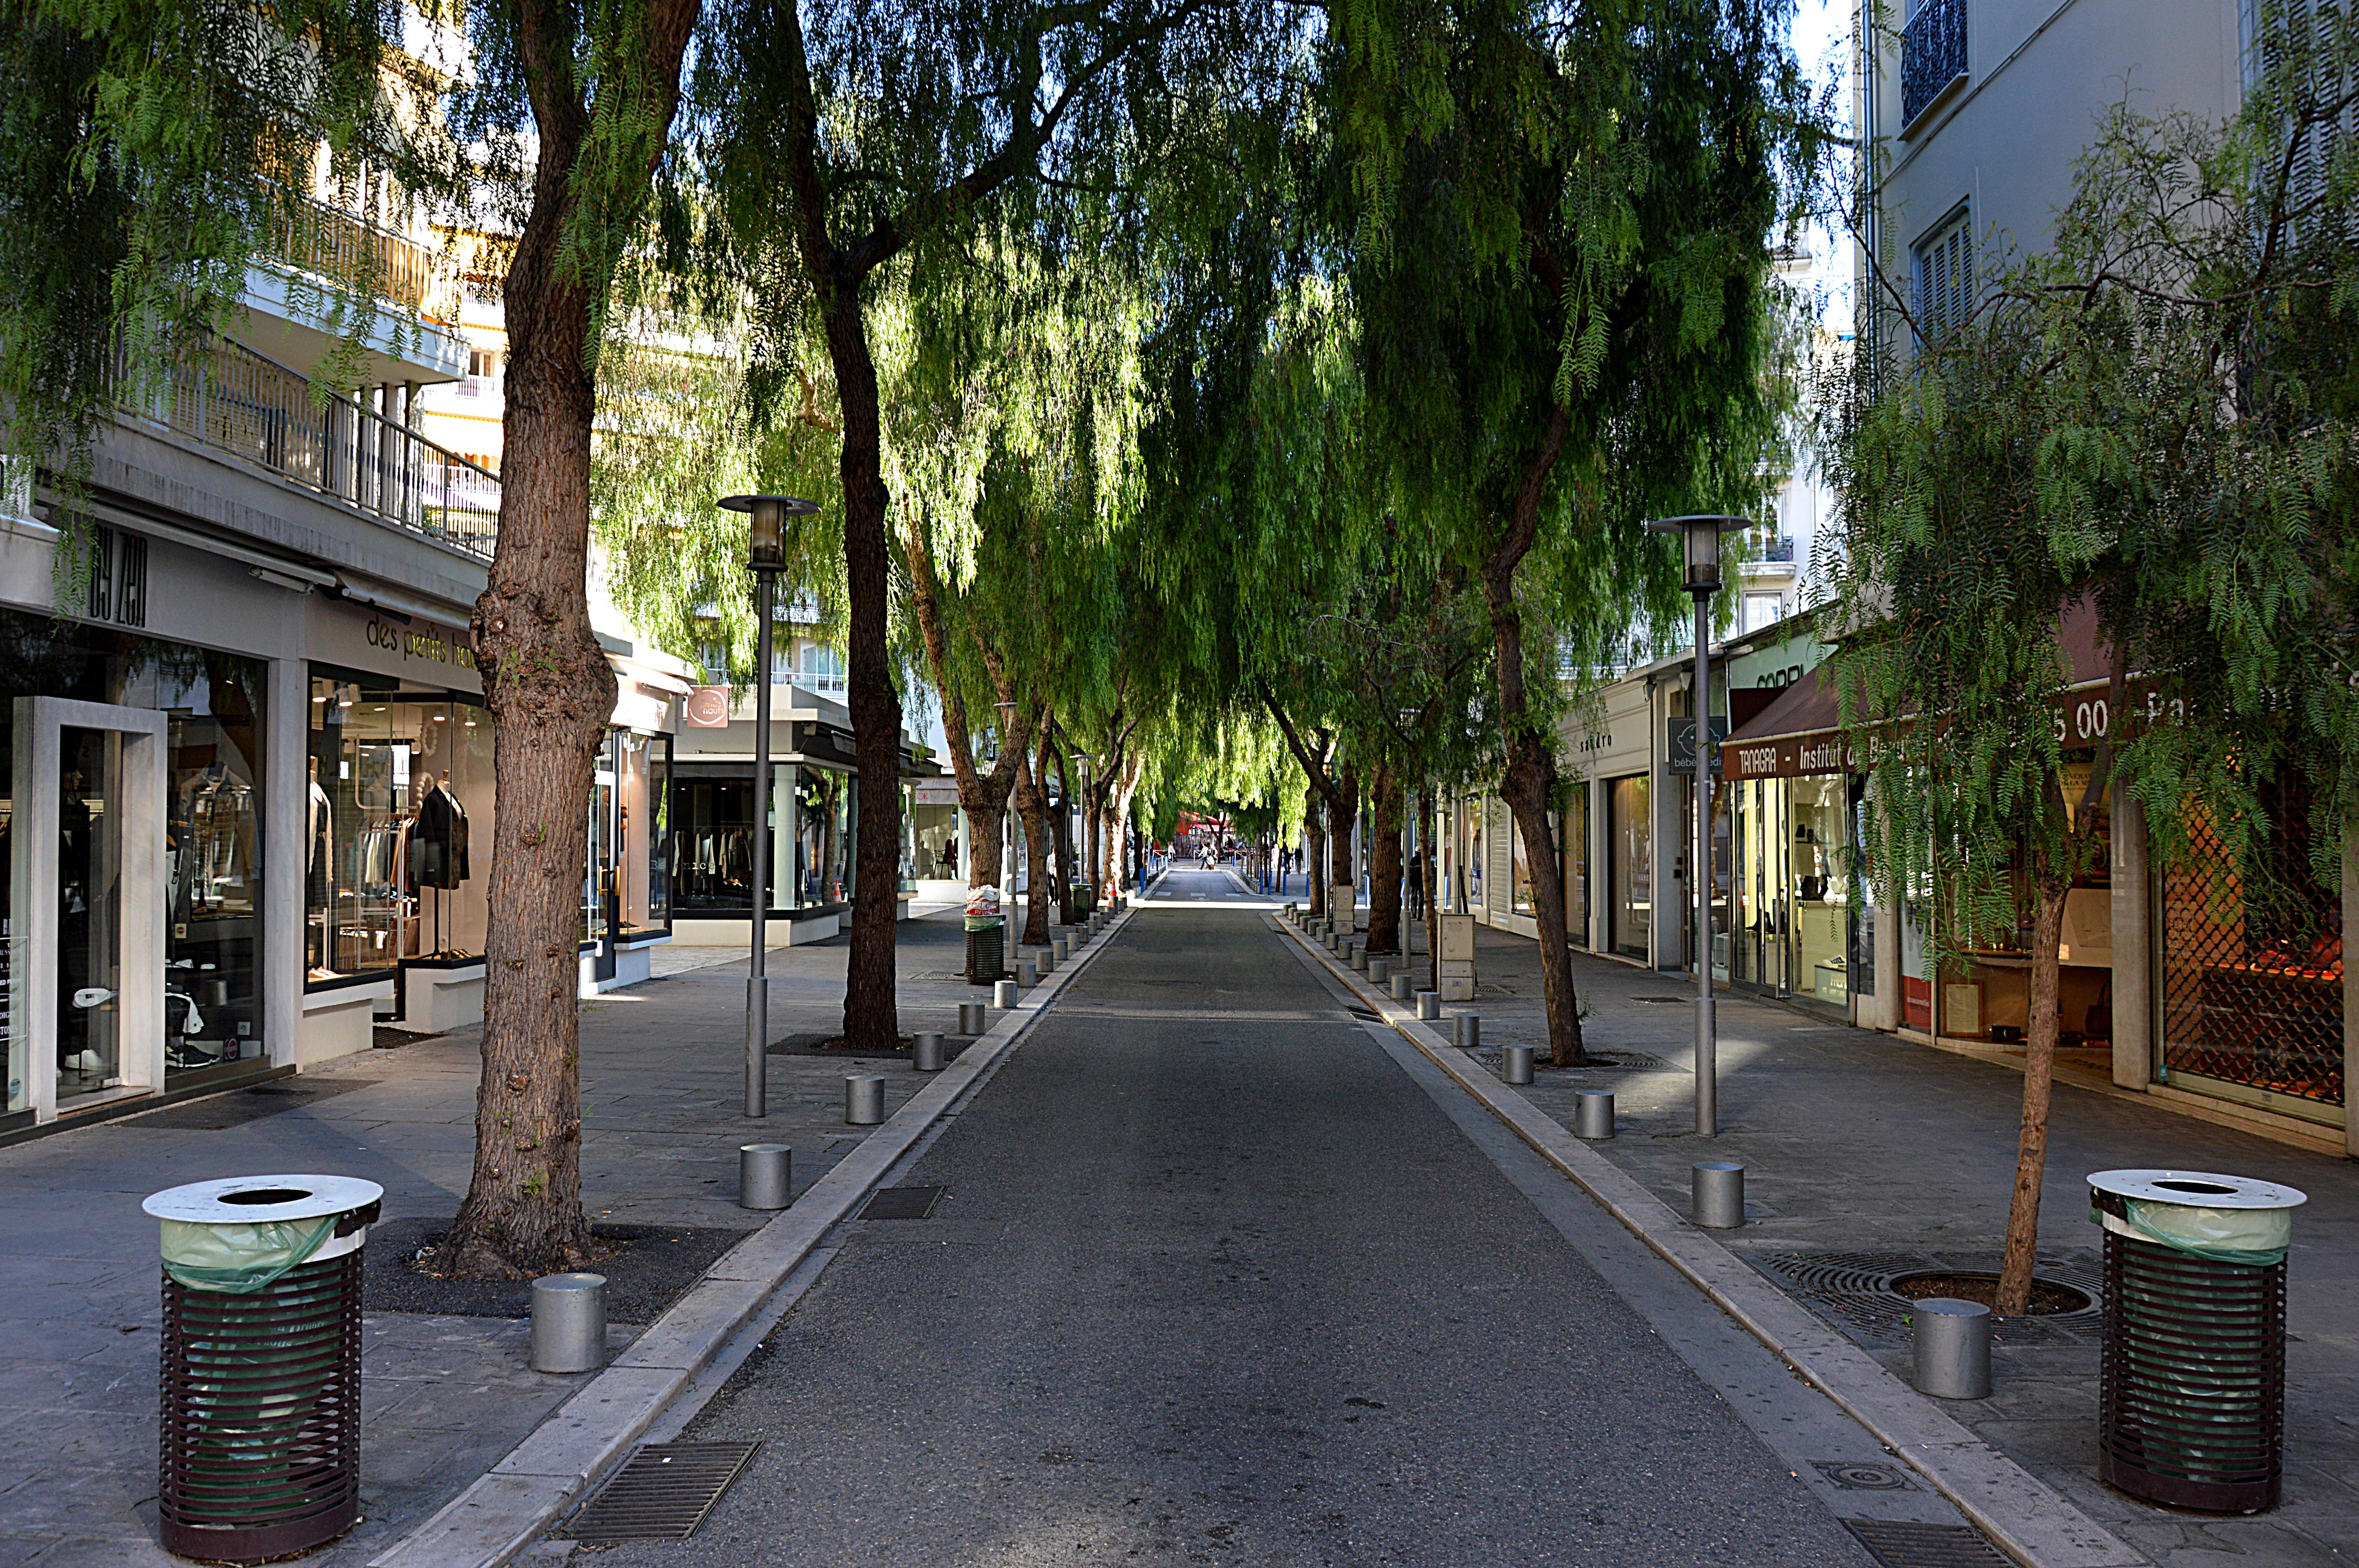 картинки деревьев на улицах его называют